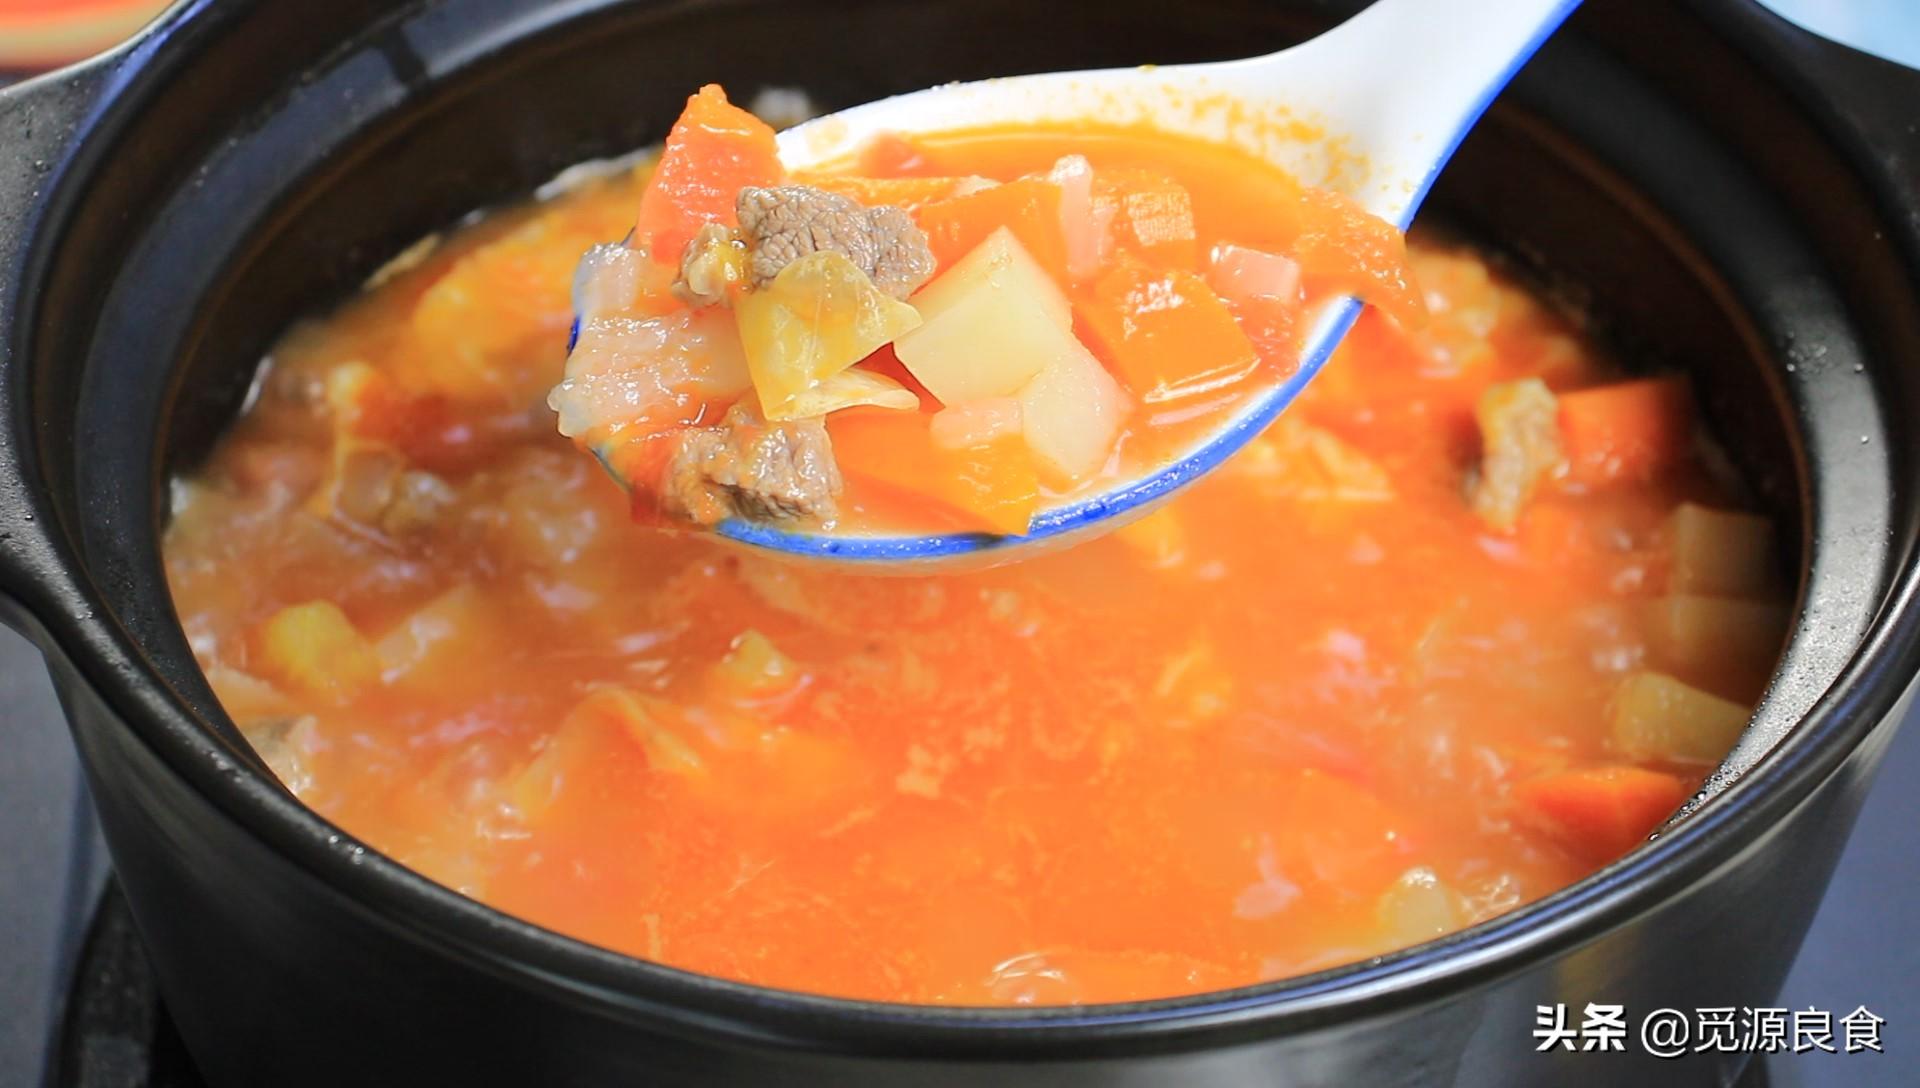 罗宋汤的做法 适合三伏天吃